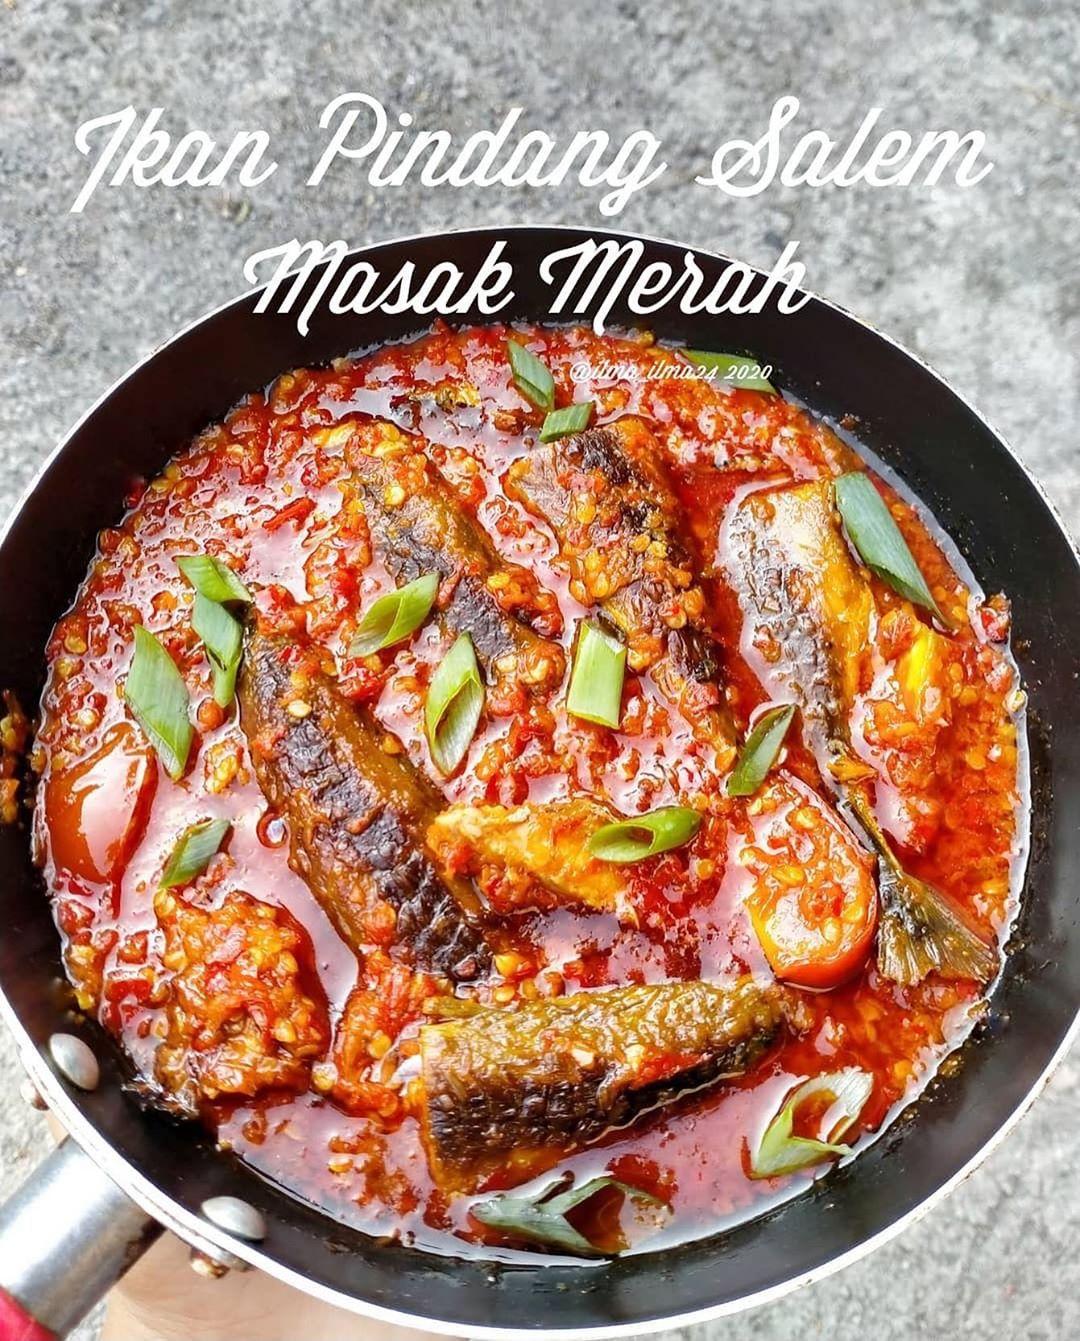 Masak Ikan Pindang : masak, pindang, Posted, @withregram, @ilma_ilma24, PINDANG, SALEM, MASAK, MERAH, By.@ilma_ilma2..., Portal, Berita, Sidoarjo